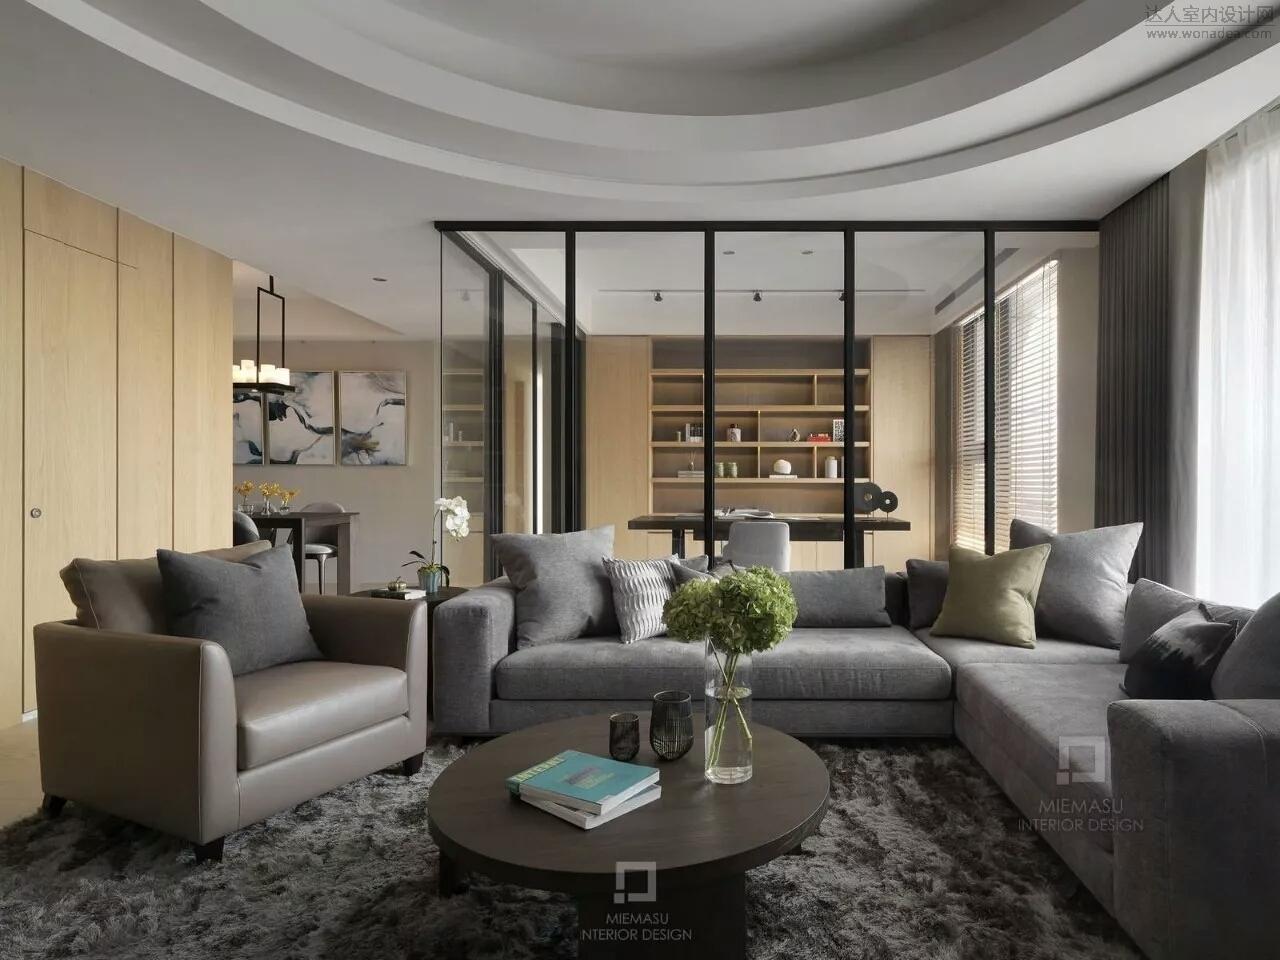 MIEMASU大观设计--台湾品质感兼备的生活